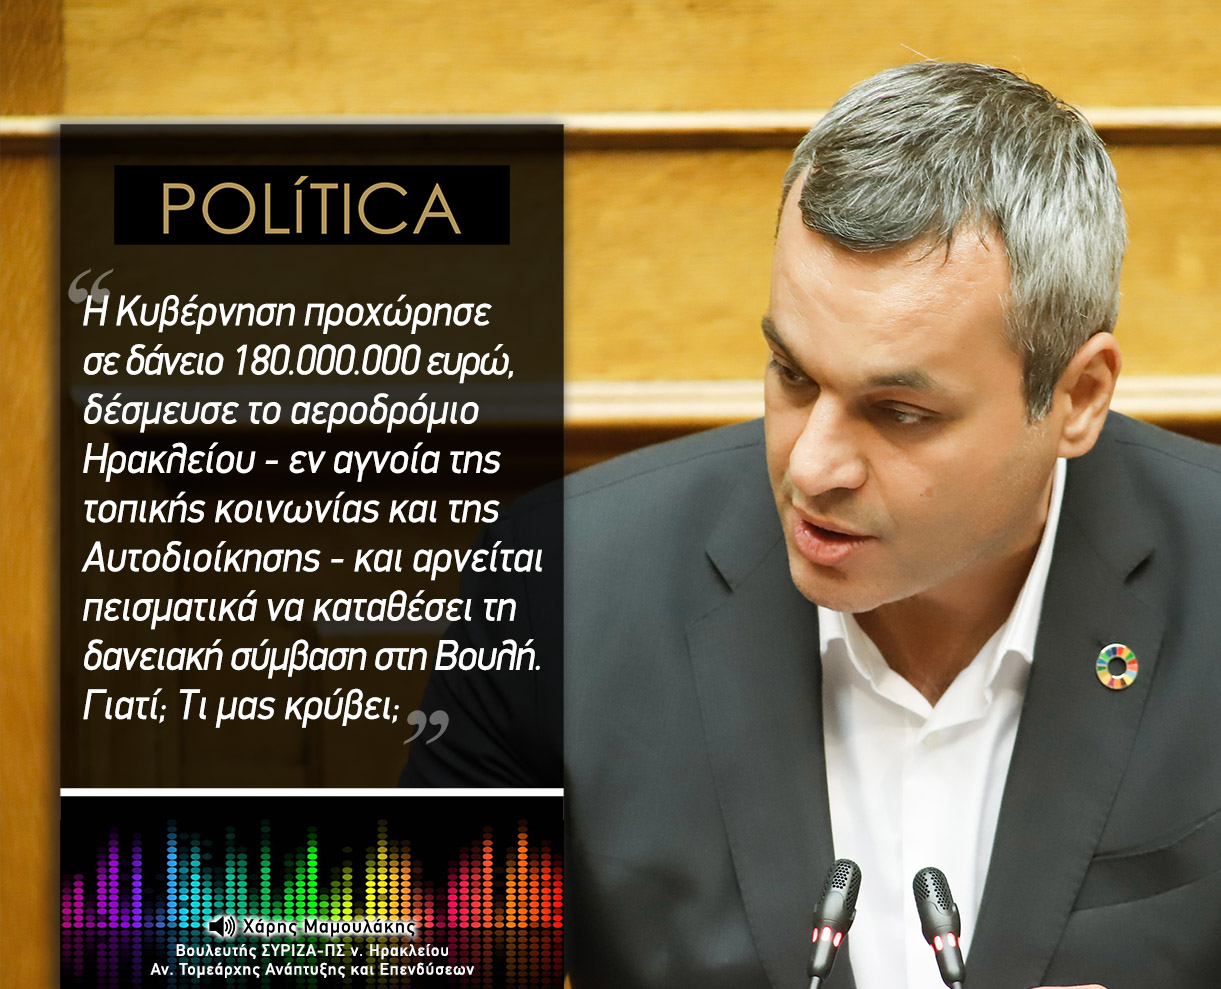 Συνέντευξη στον Politica 89.8 (ηχητικό)